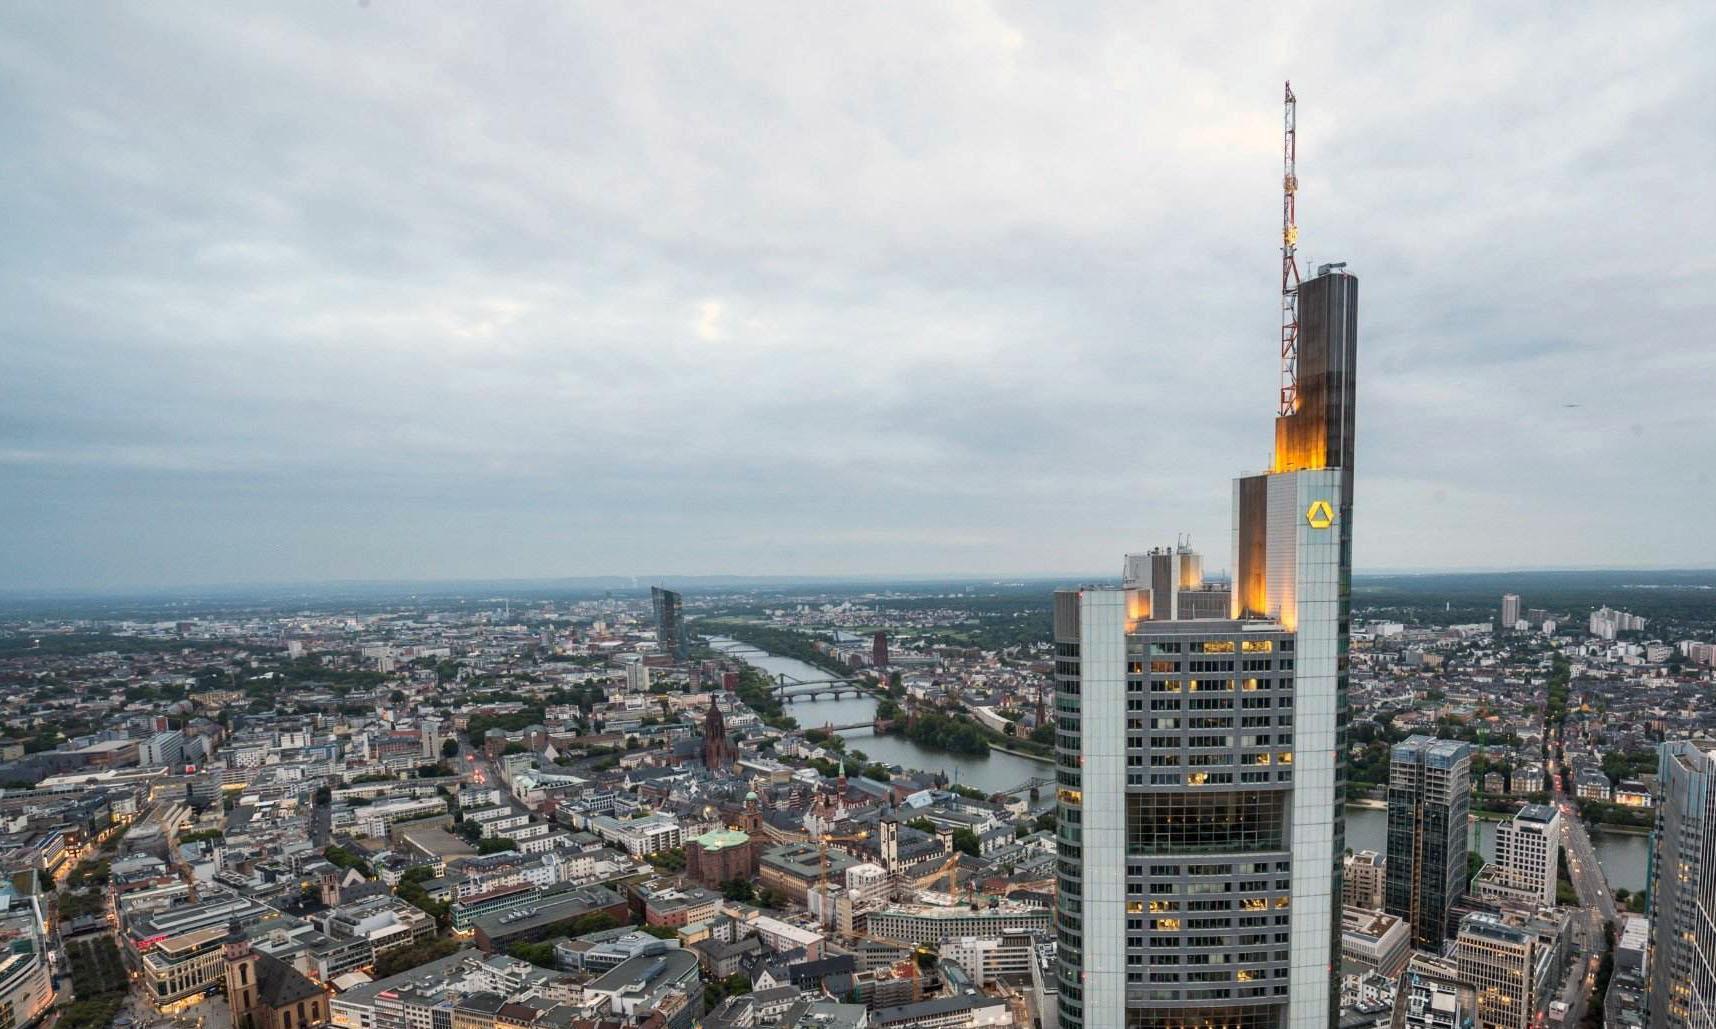 德国第五大城市,经济比首都柏林强,世界城市排名高于广州深圳